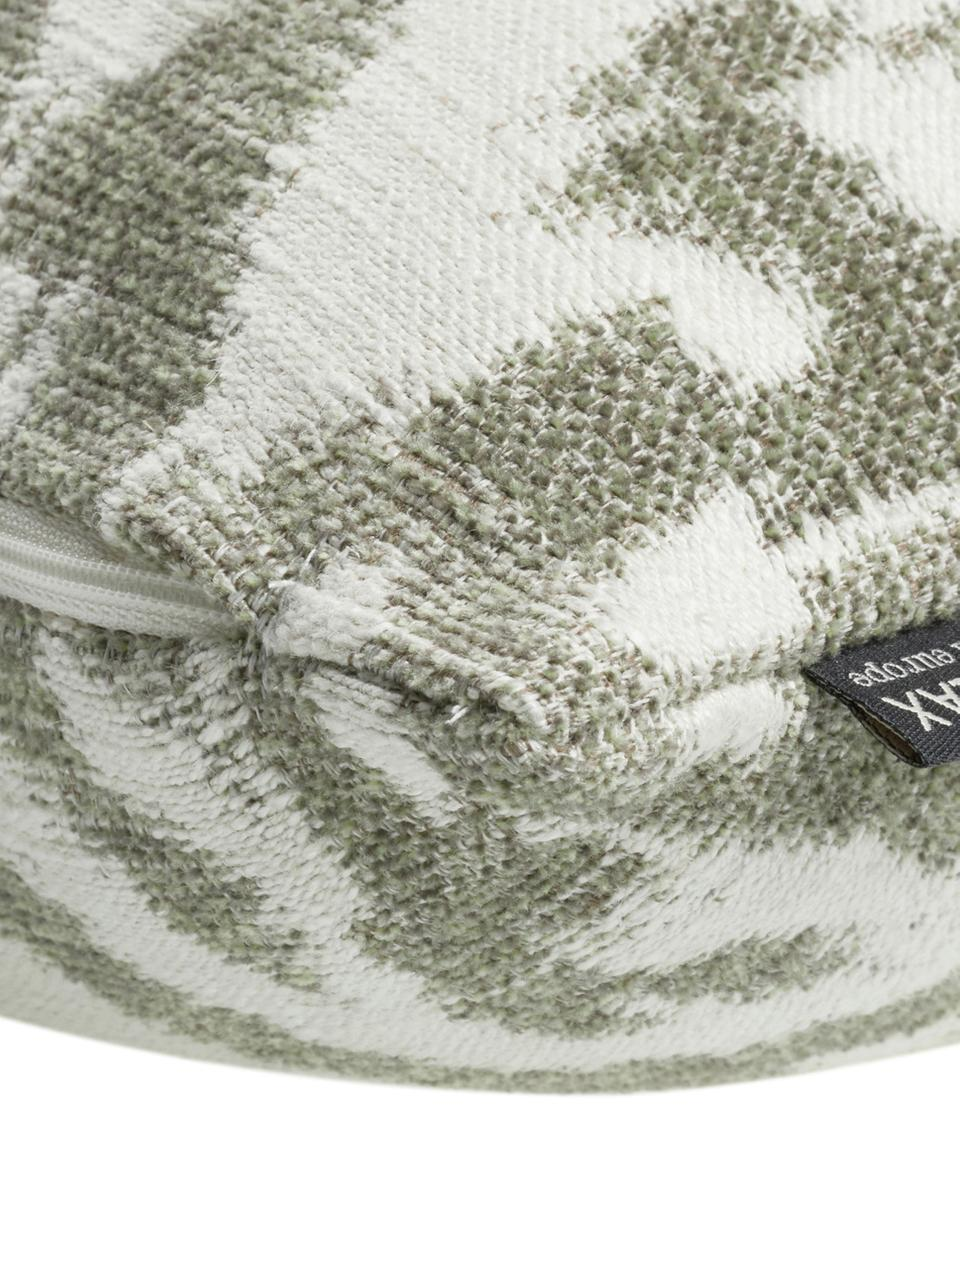 Federa arredo verde/beige Vanja, 52% poliestere, 32% viscosa, 16% lino, Beige, verde, Larg. 45 x Lung. 45 cm